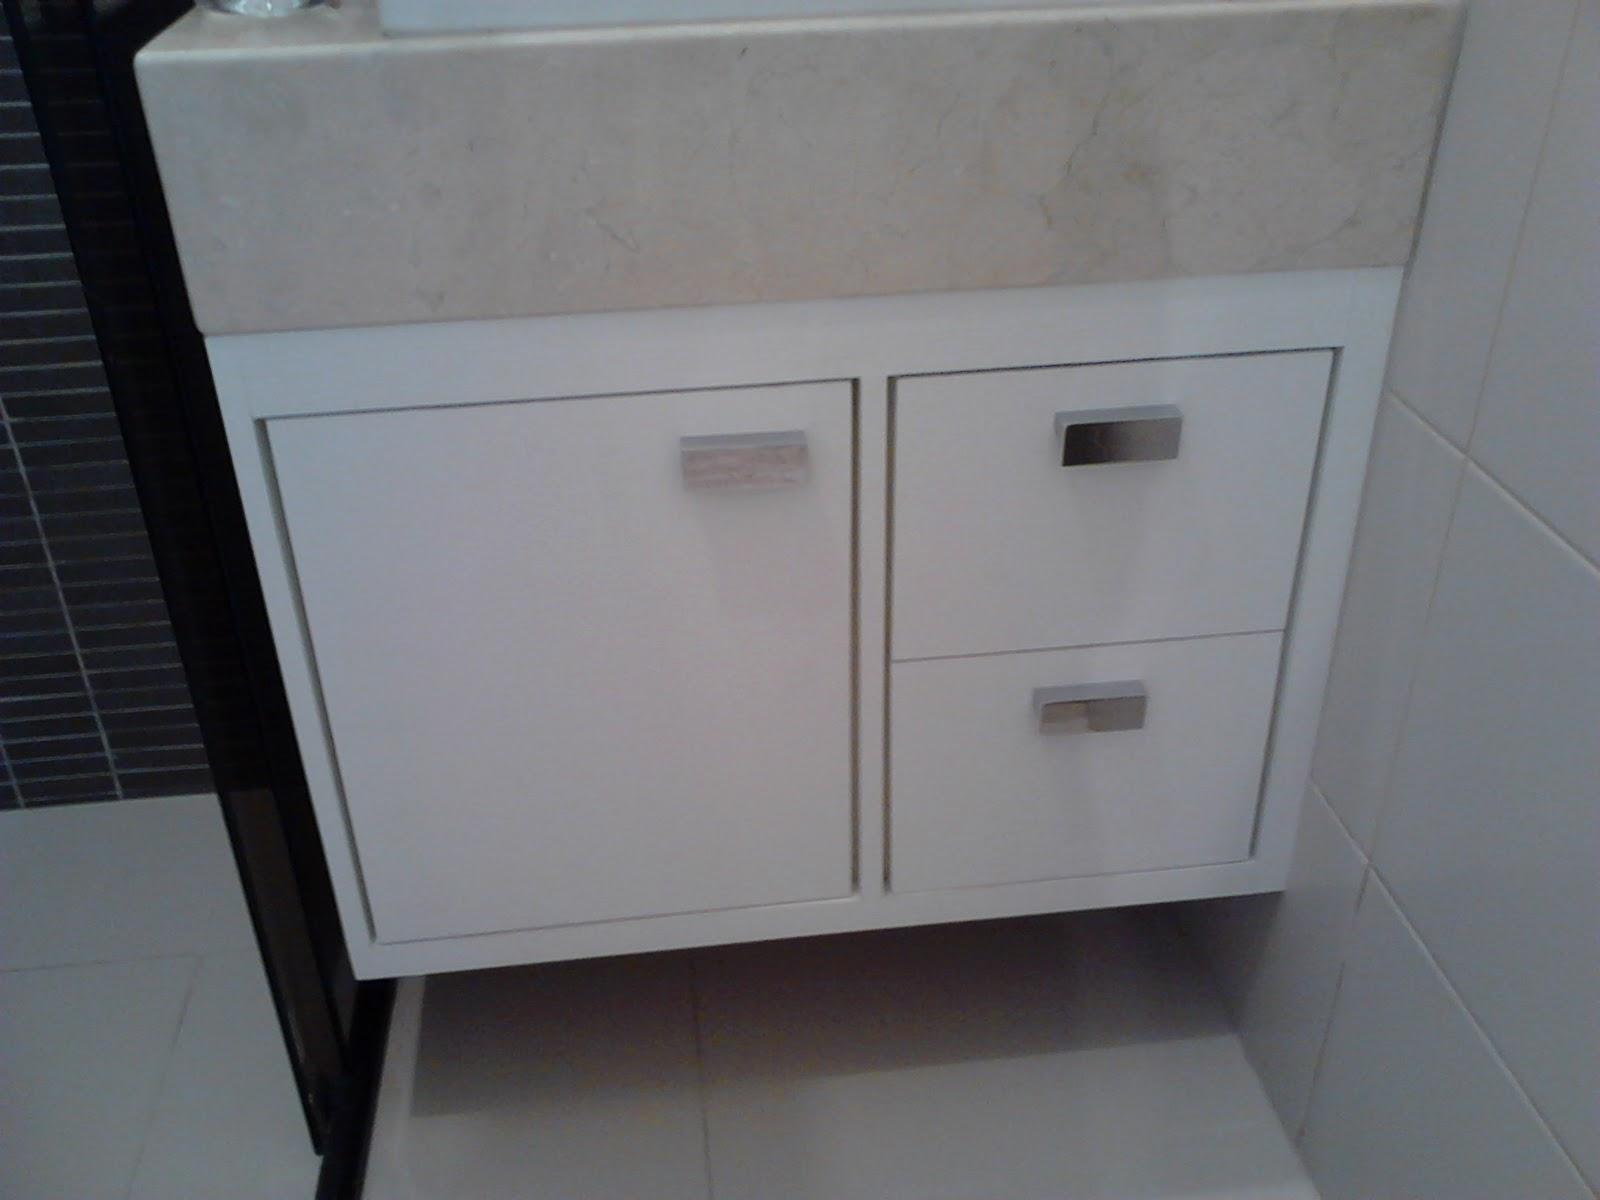 Marcenaria MBR Móveis Armário de banheiro, acabamento em melamina branca tex -> Armario De Banheiro Marcenaria